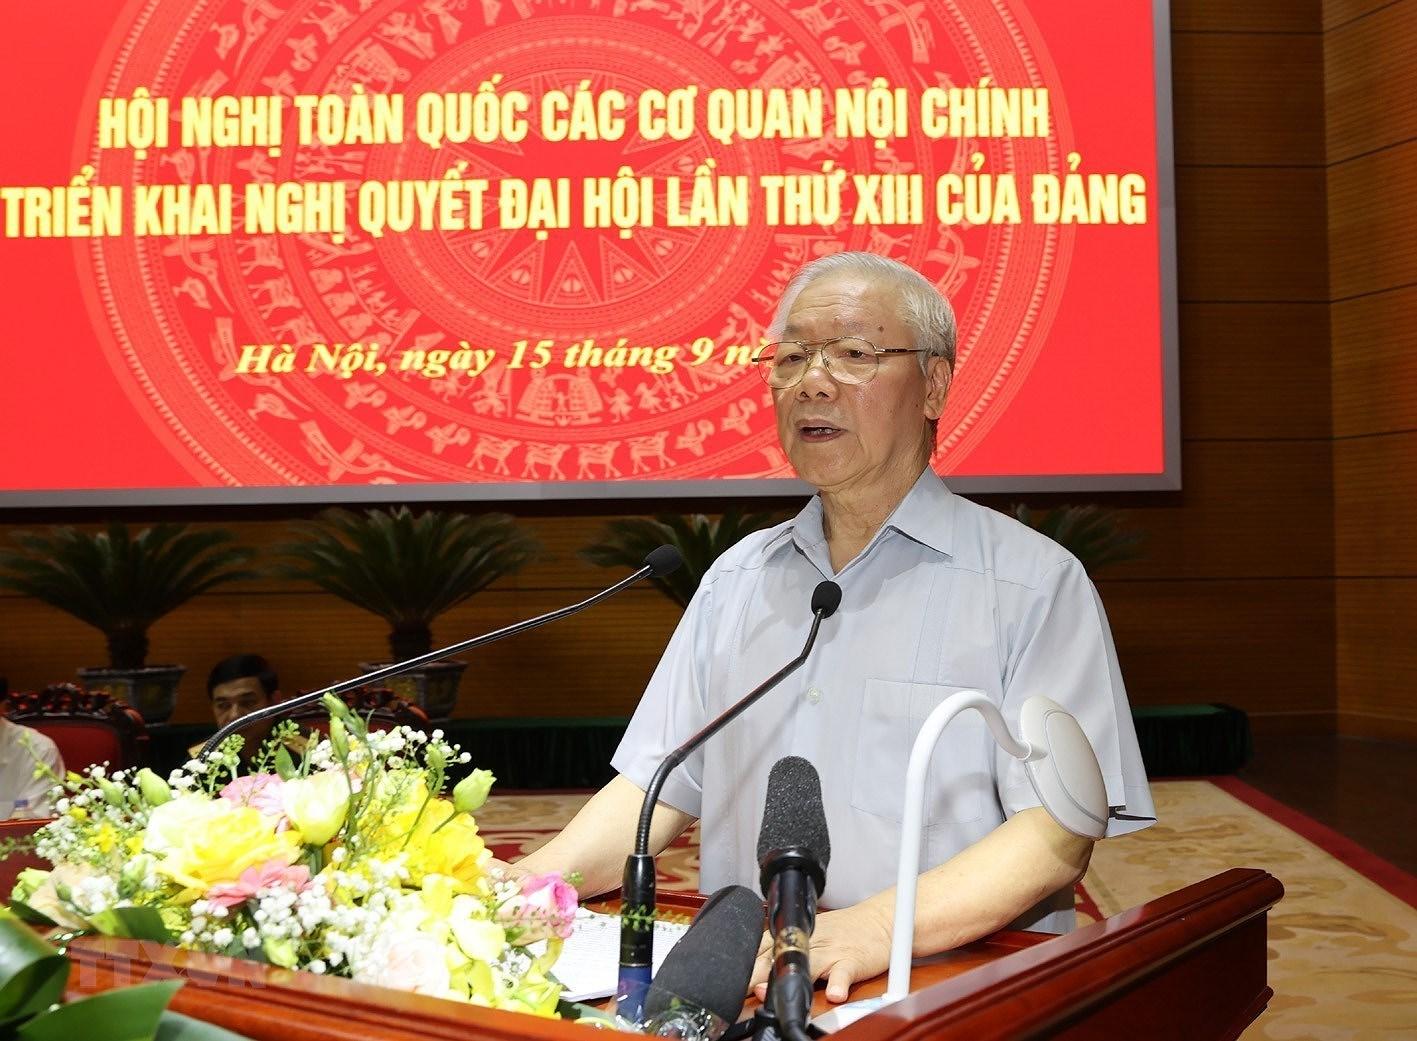 [Photo] Tong Bi thu chu tri Hoi nghi toan quoc cac co quan noi chinh hinh anh 5